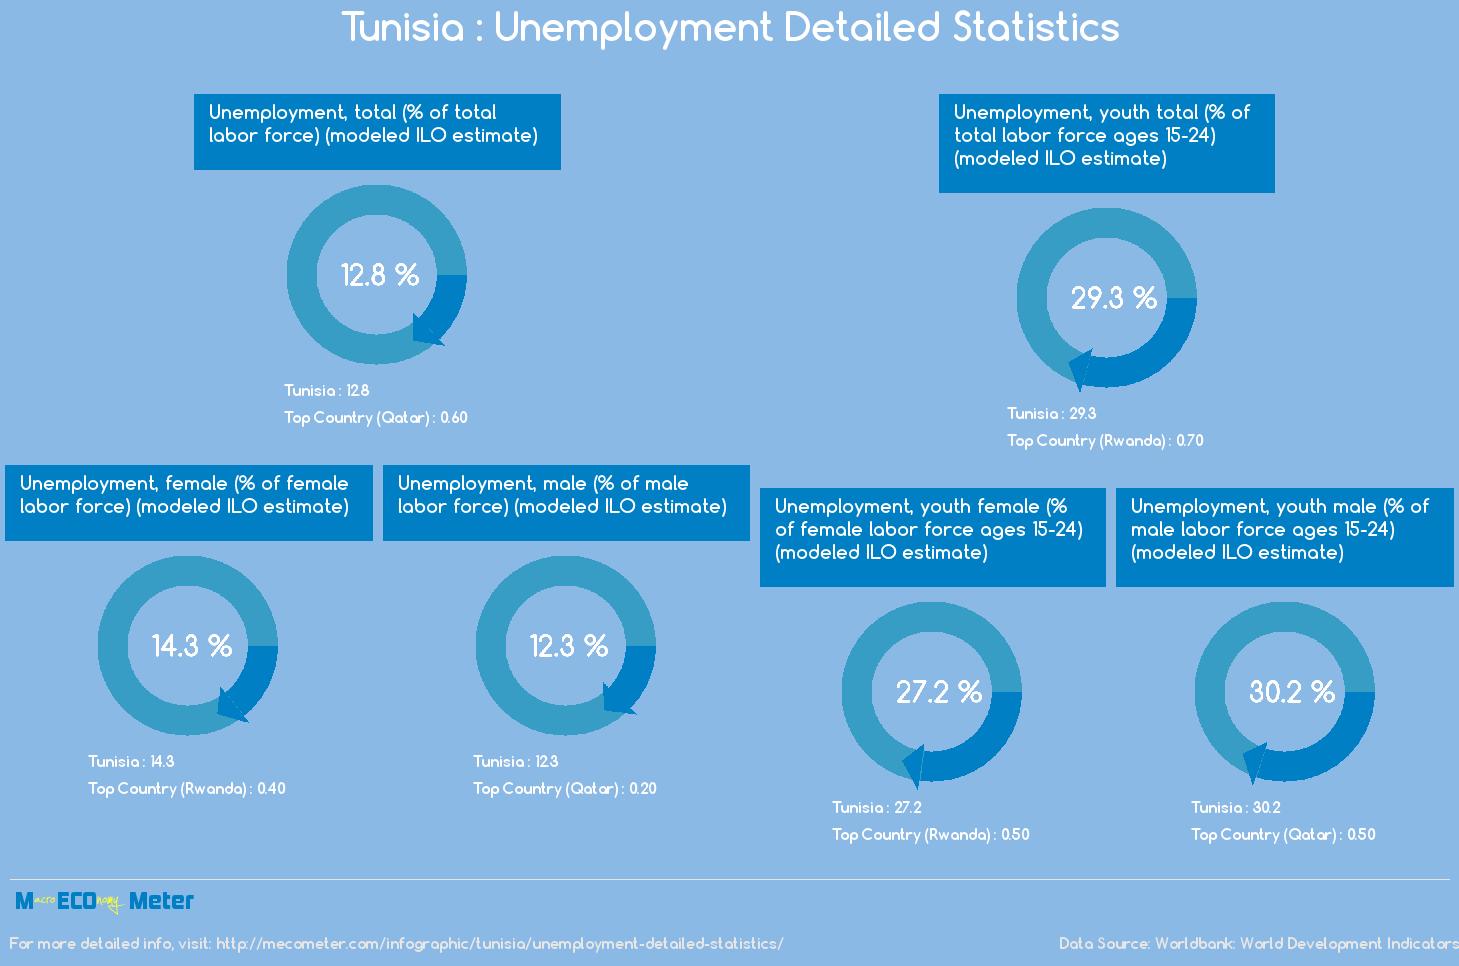 Tunisia : Unemployment Detailed Statistics